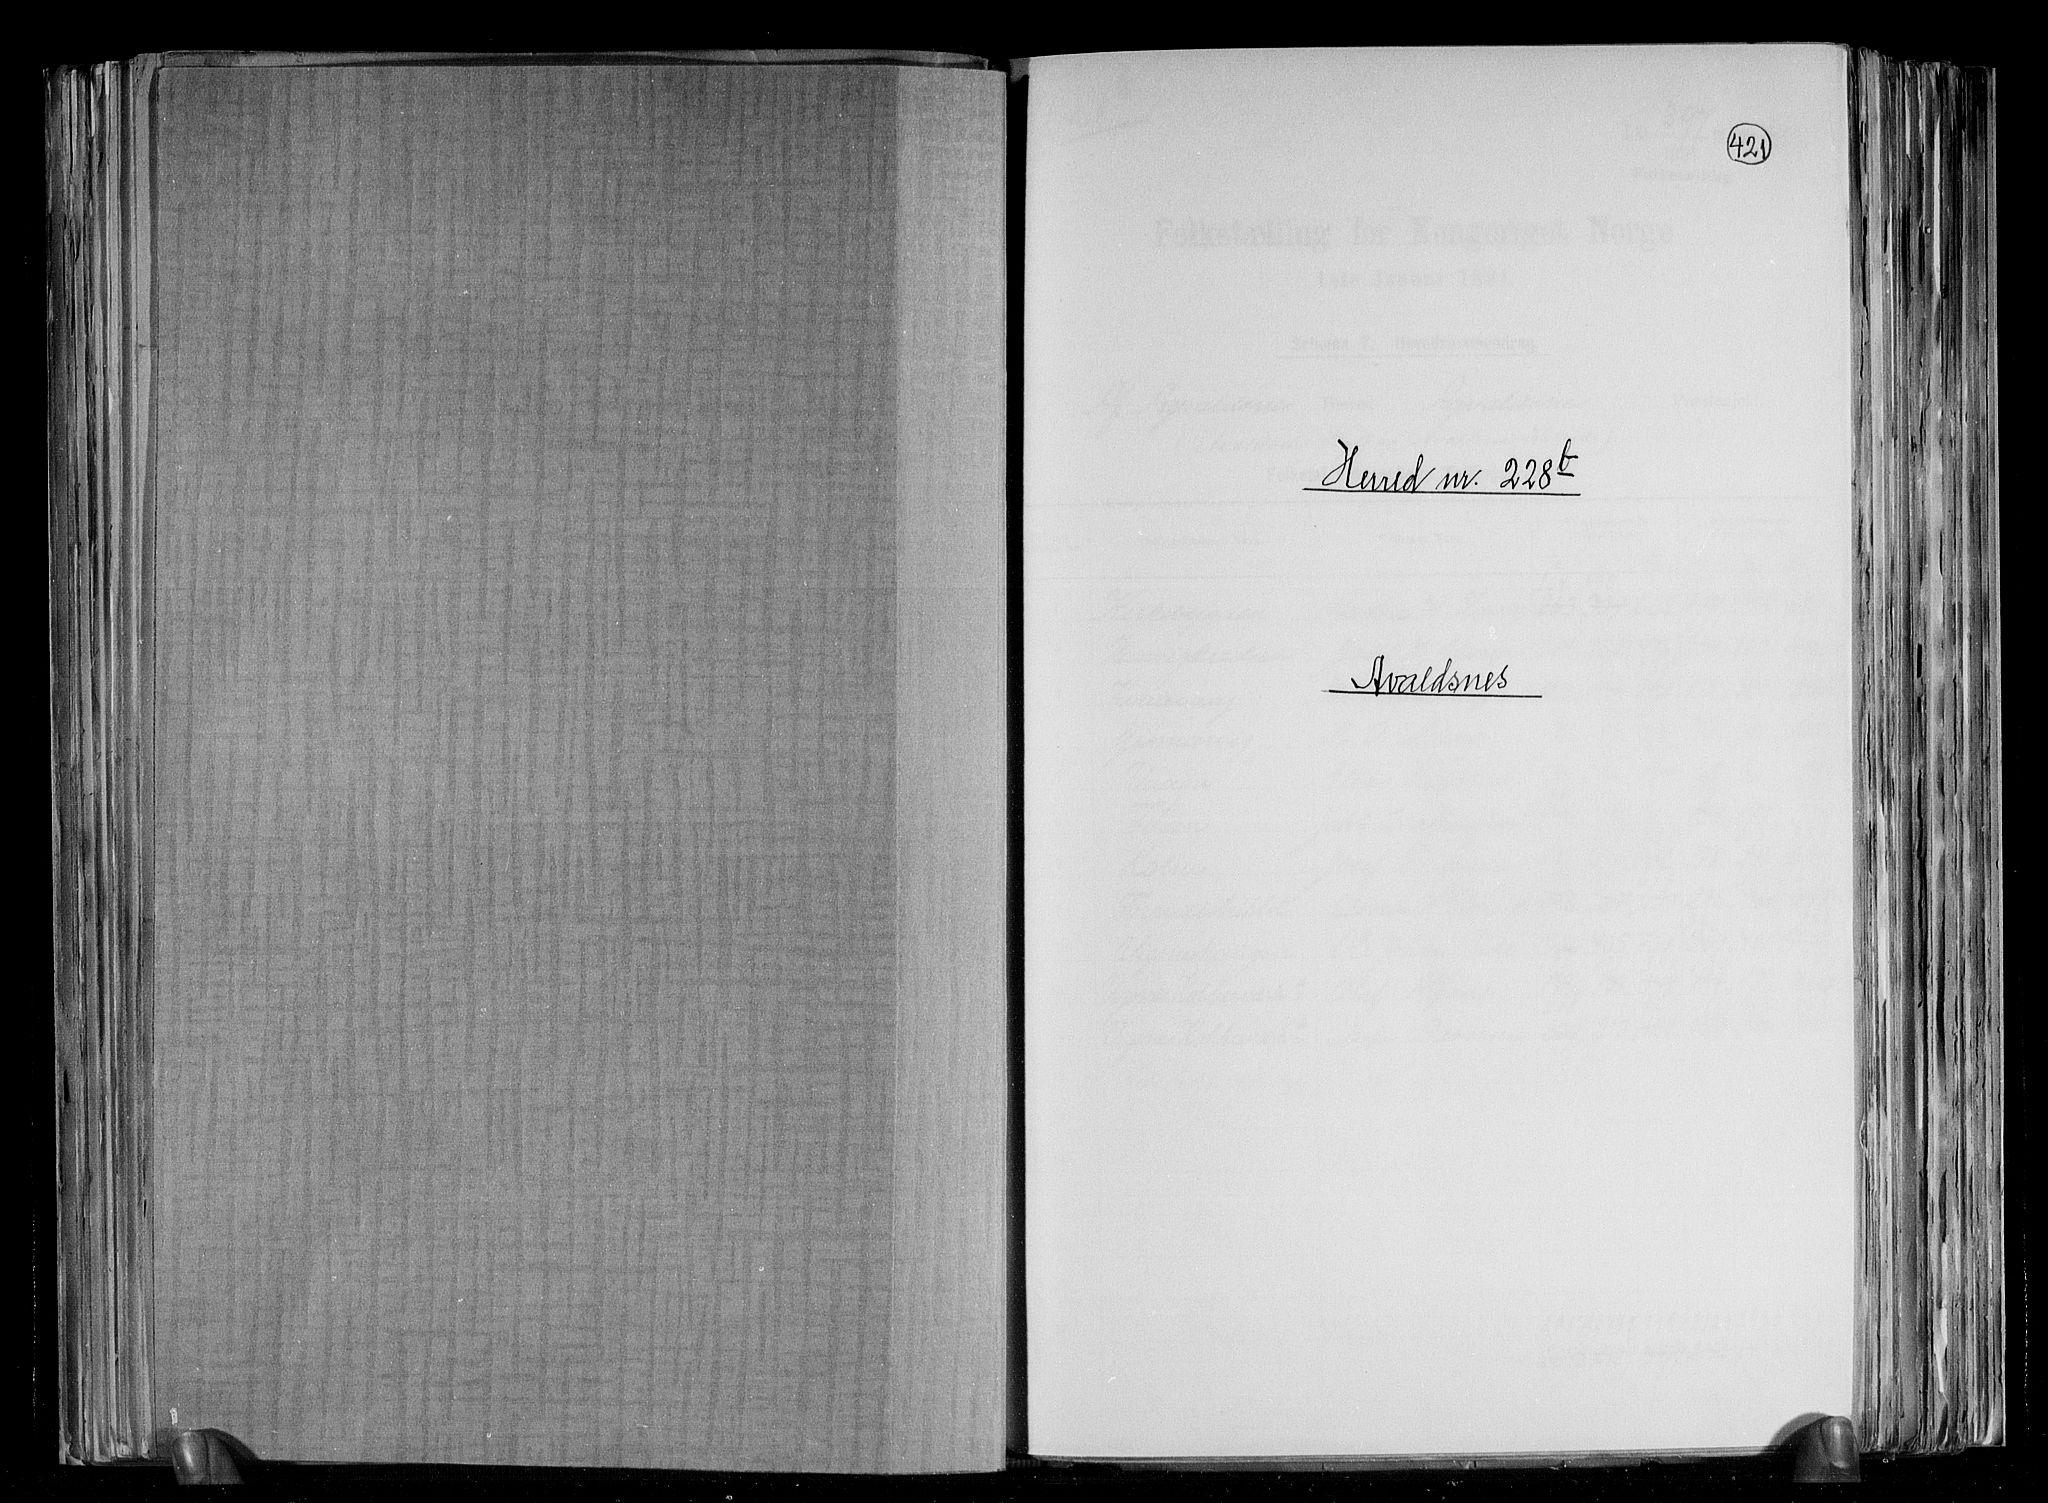 RA, Folketelling 1891 for 1147 Avaldsnes herred, 1891, s. 14